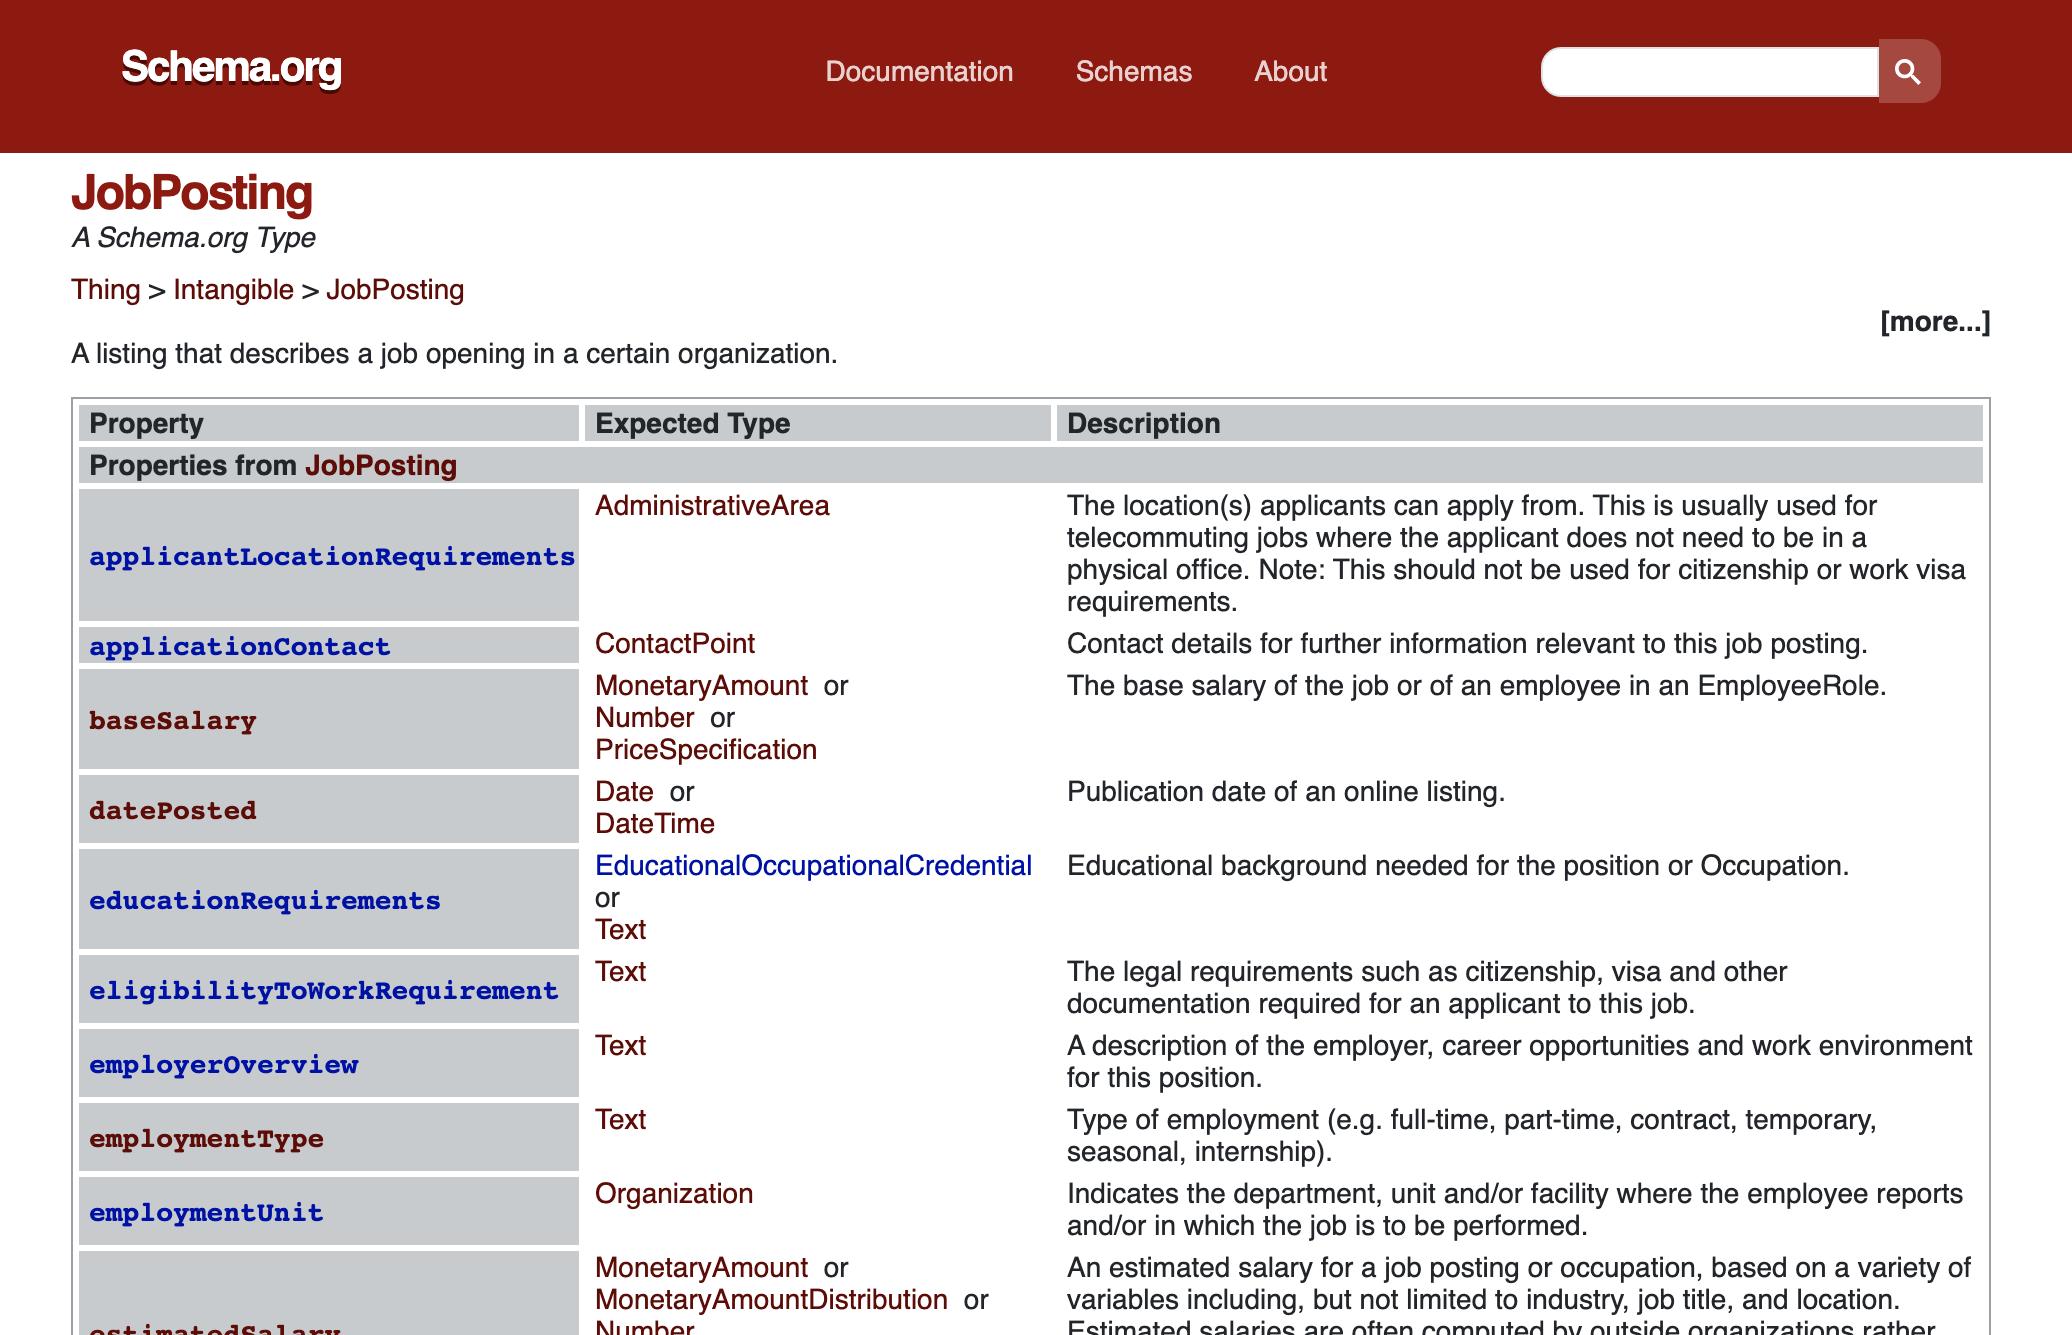 jobposting schema information